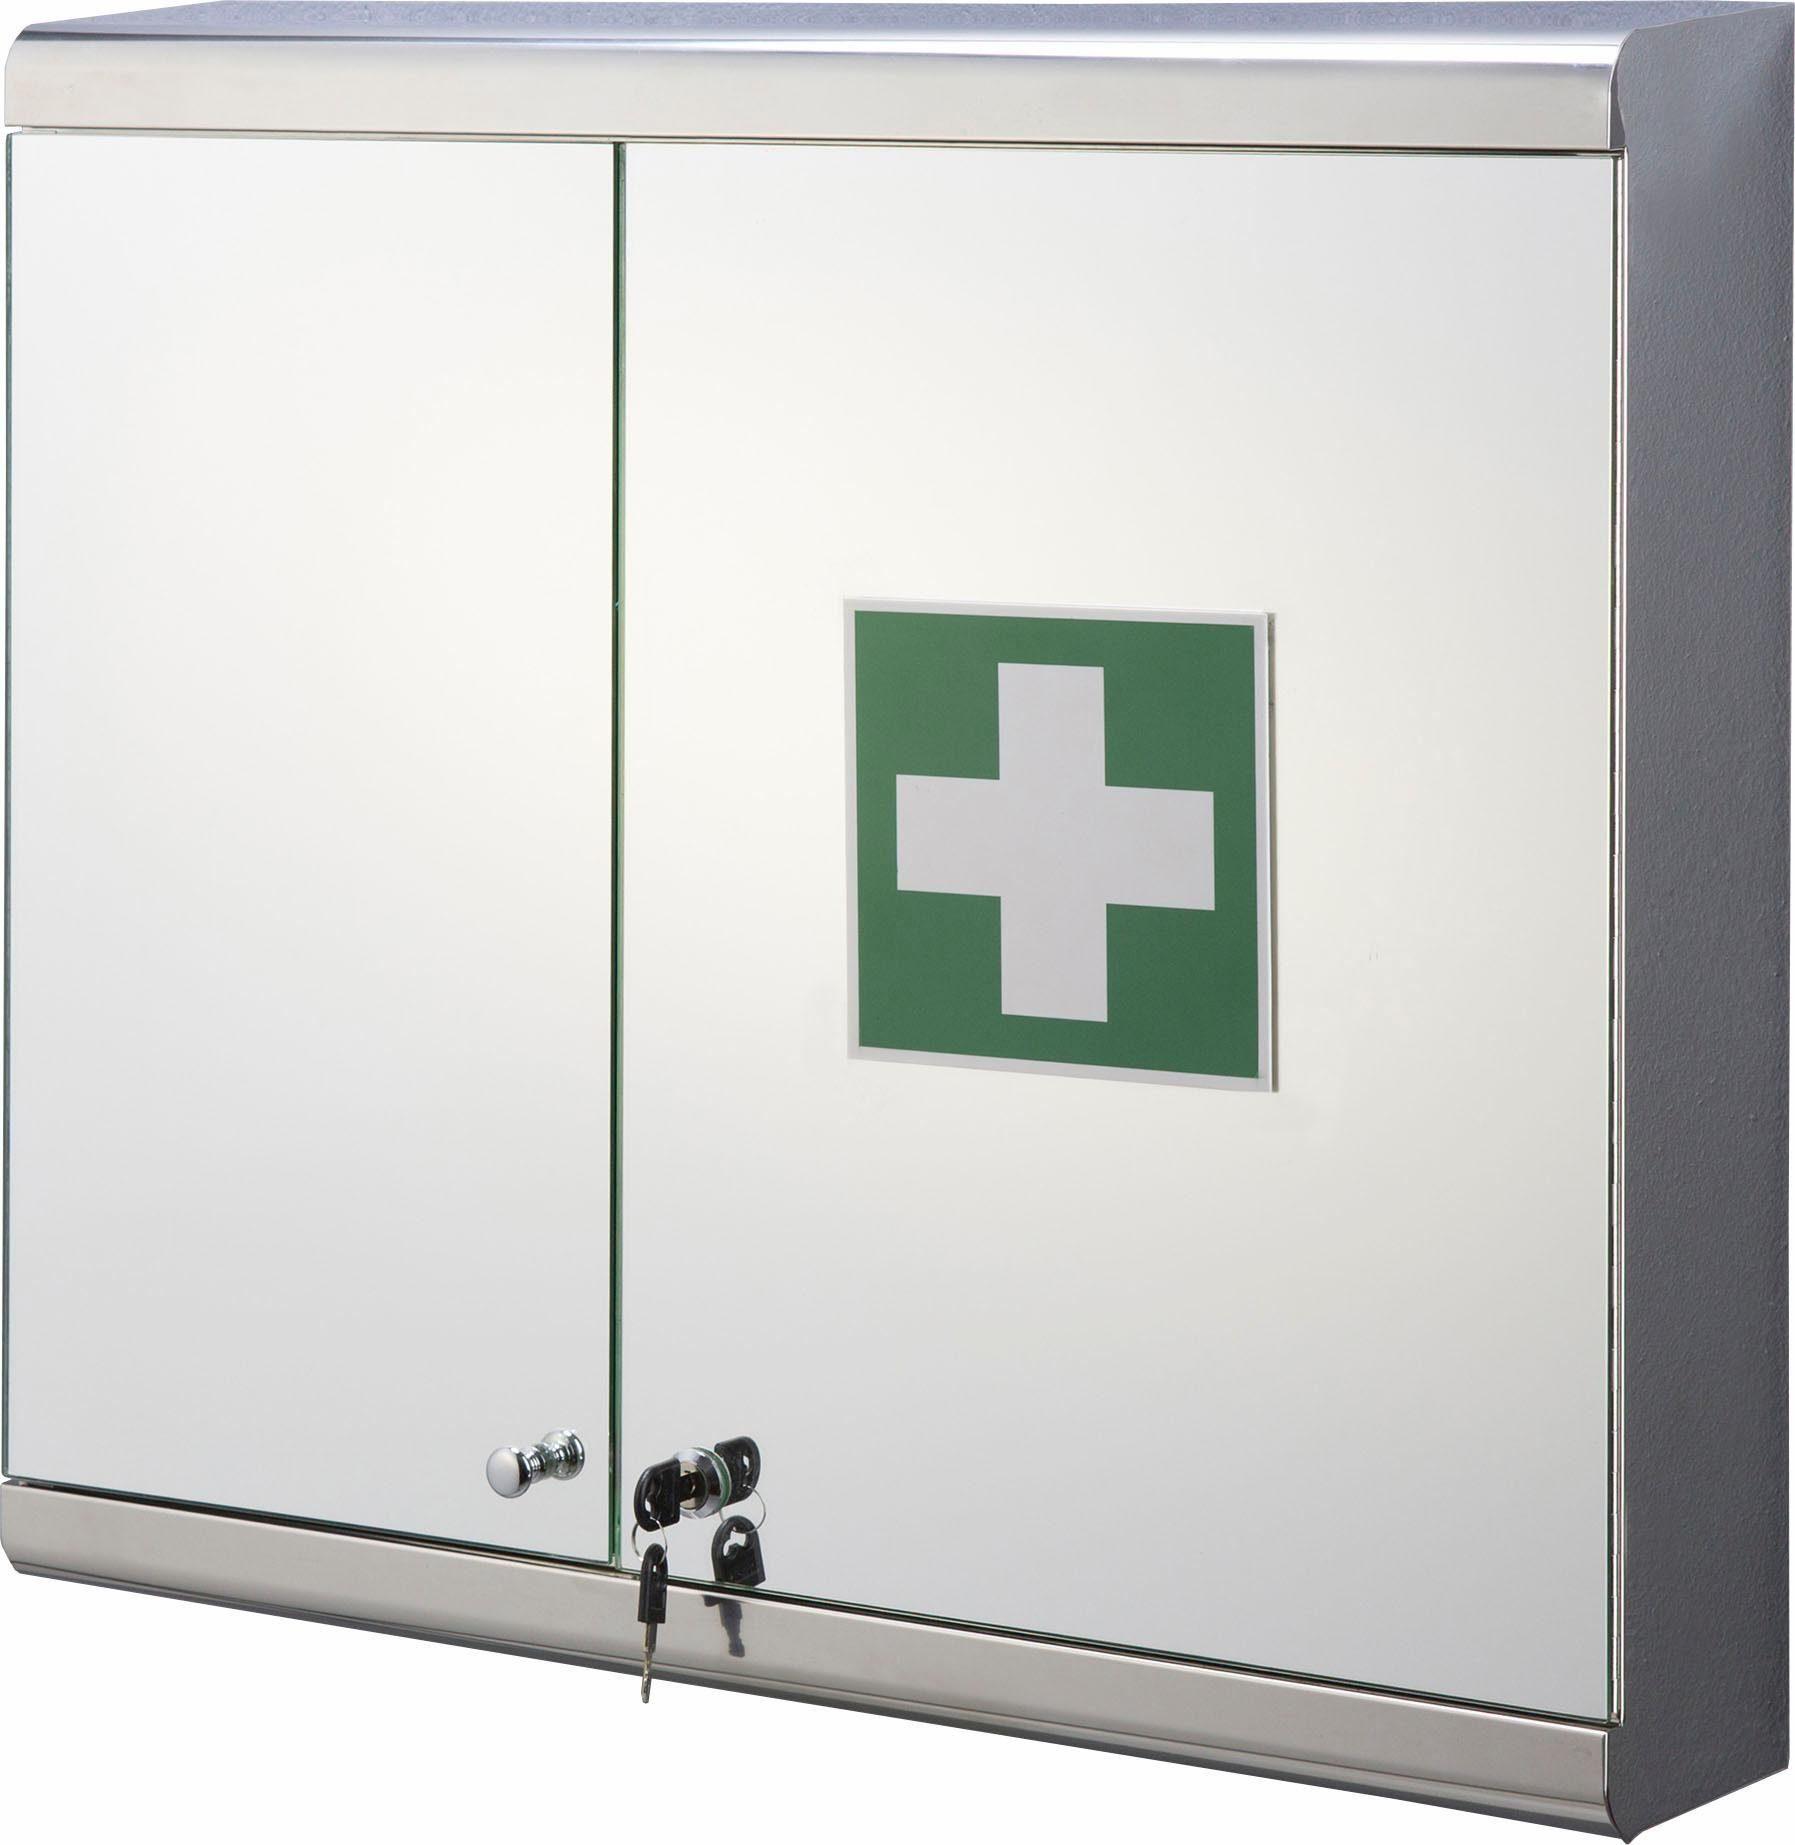 Medicijnkastje Met Spiegel : Ggg spiegel medicijnkastje michelle« nu online kopen otto